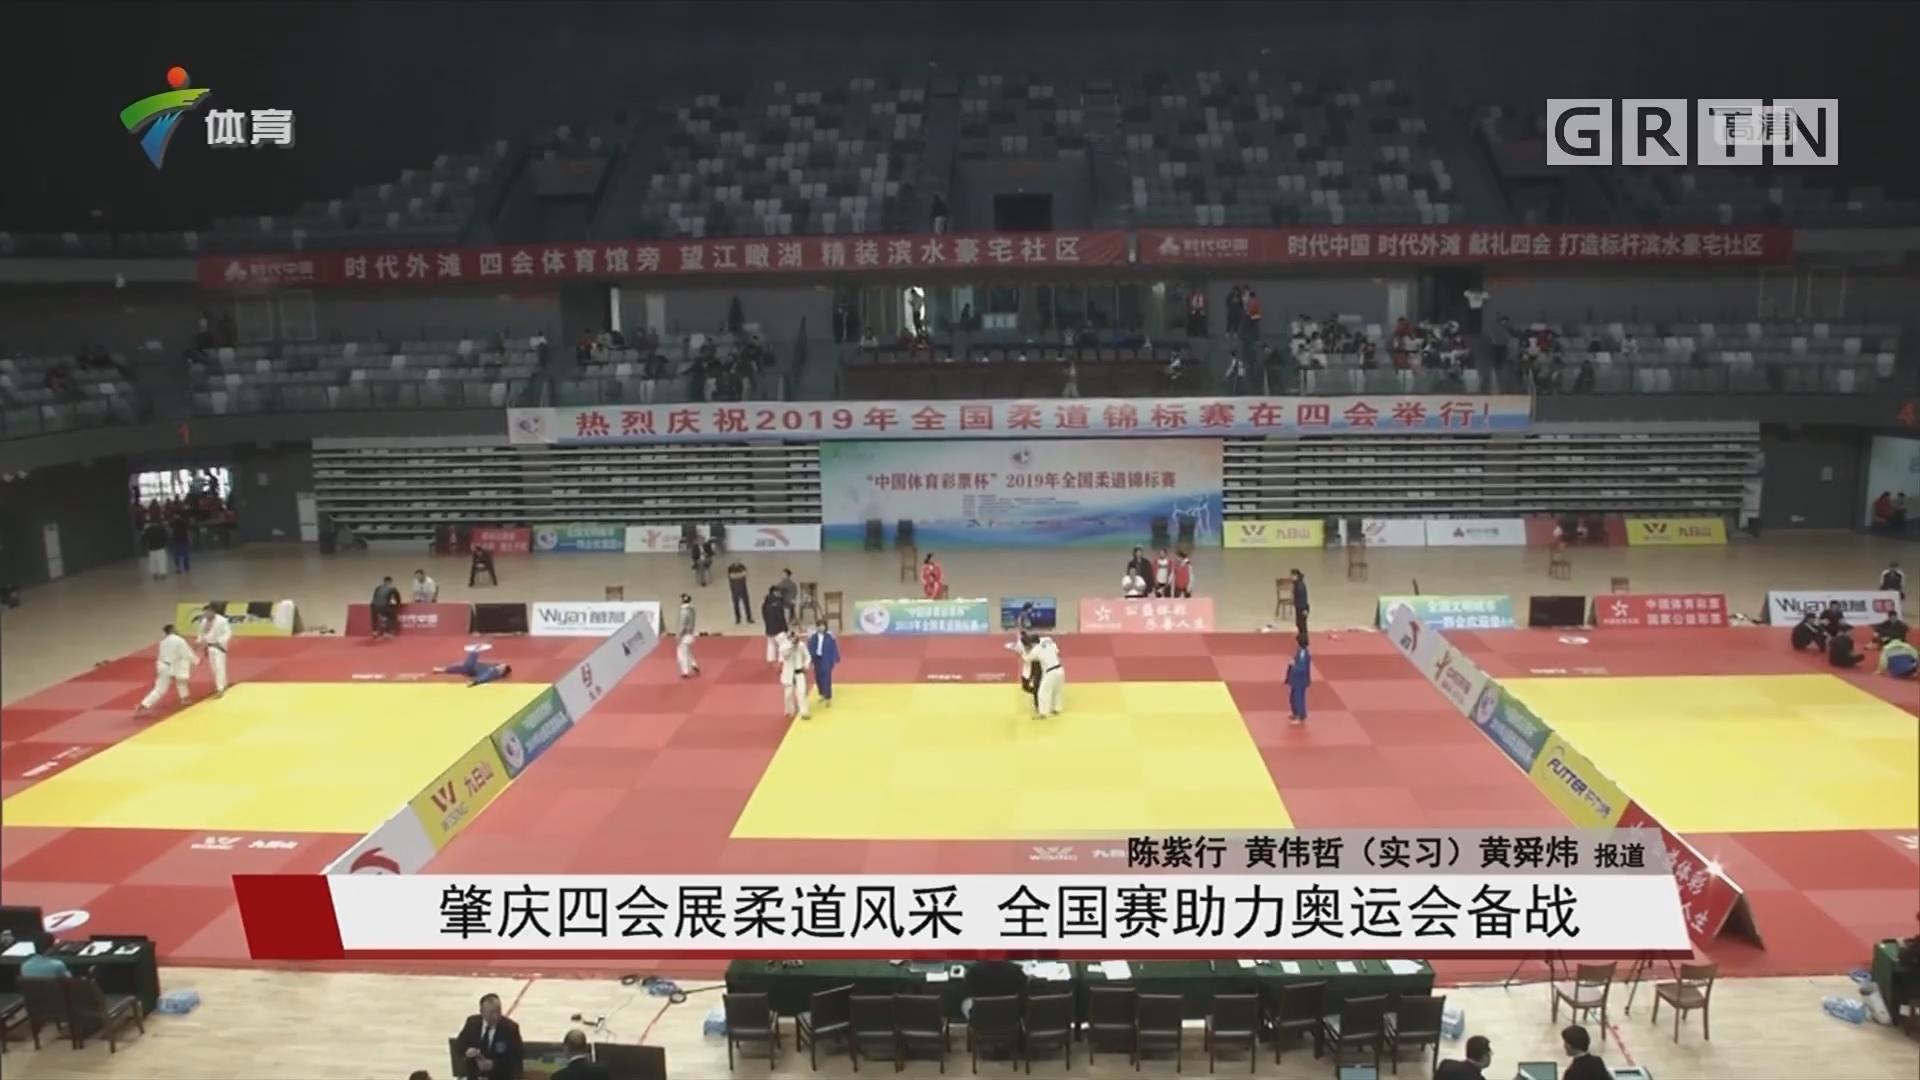 肇庆四会展柔道风采 全国赛助力奥运会备战